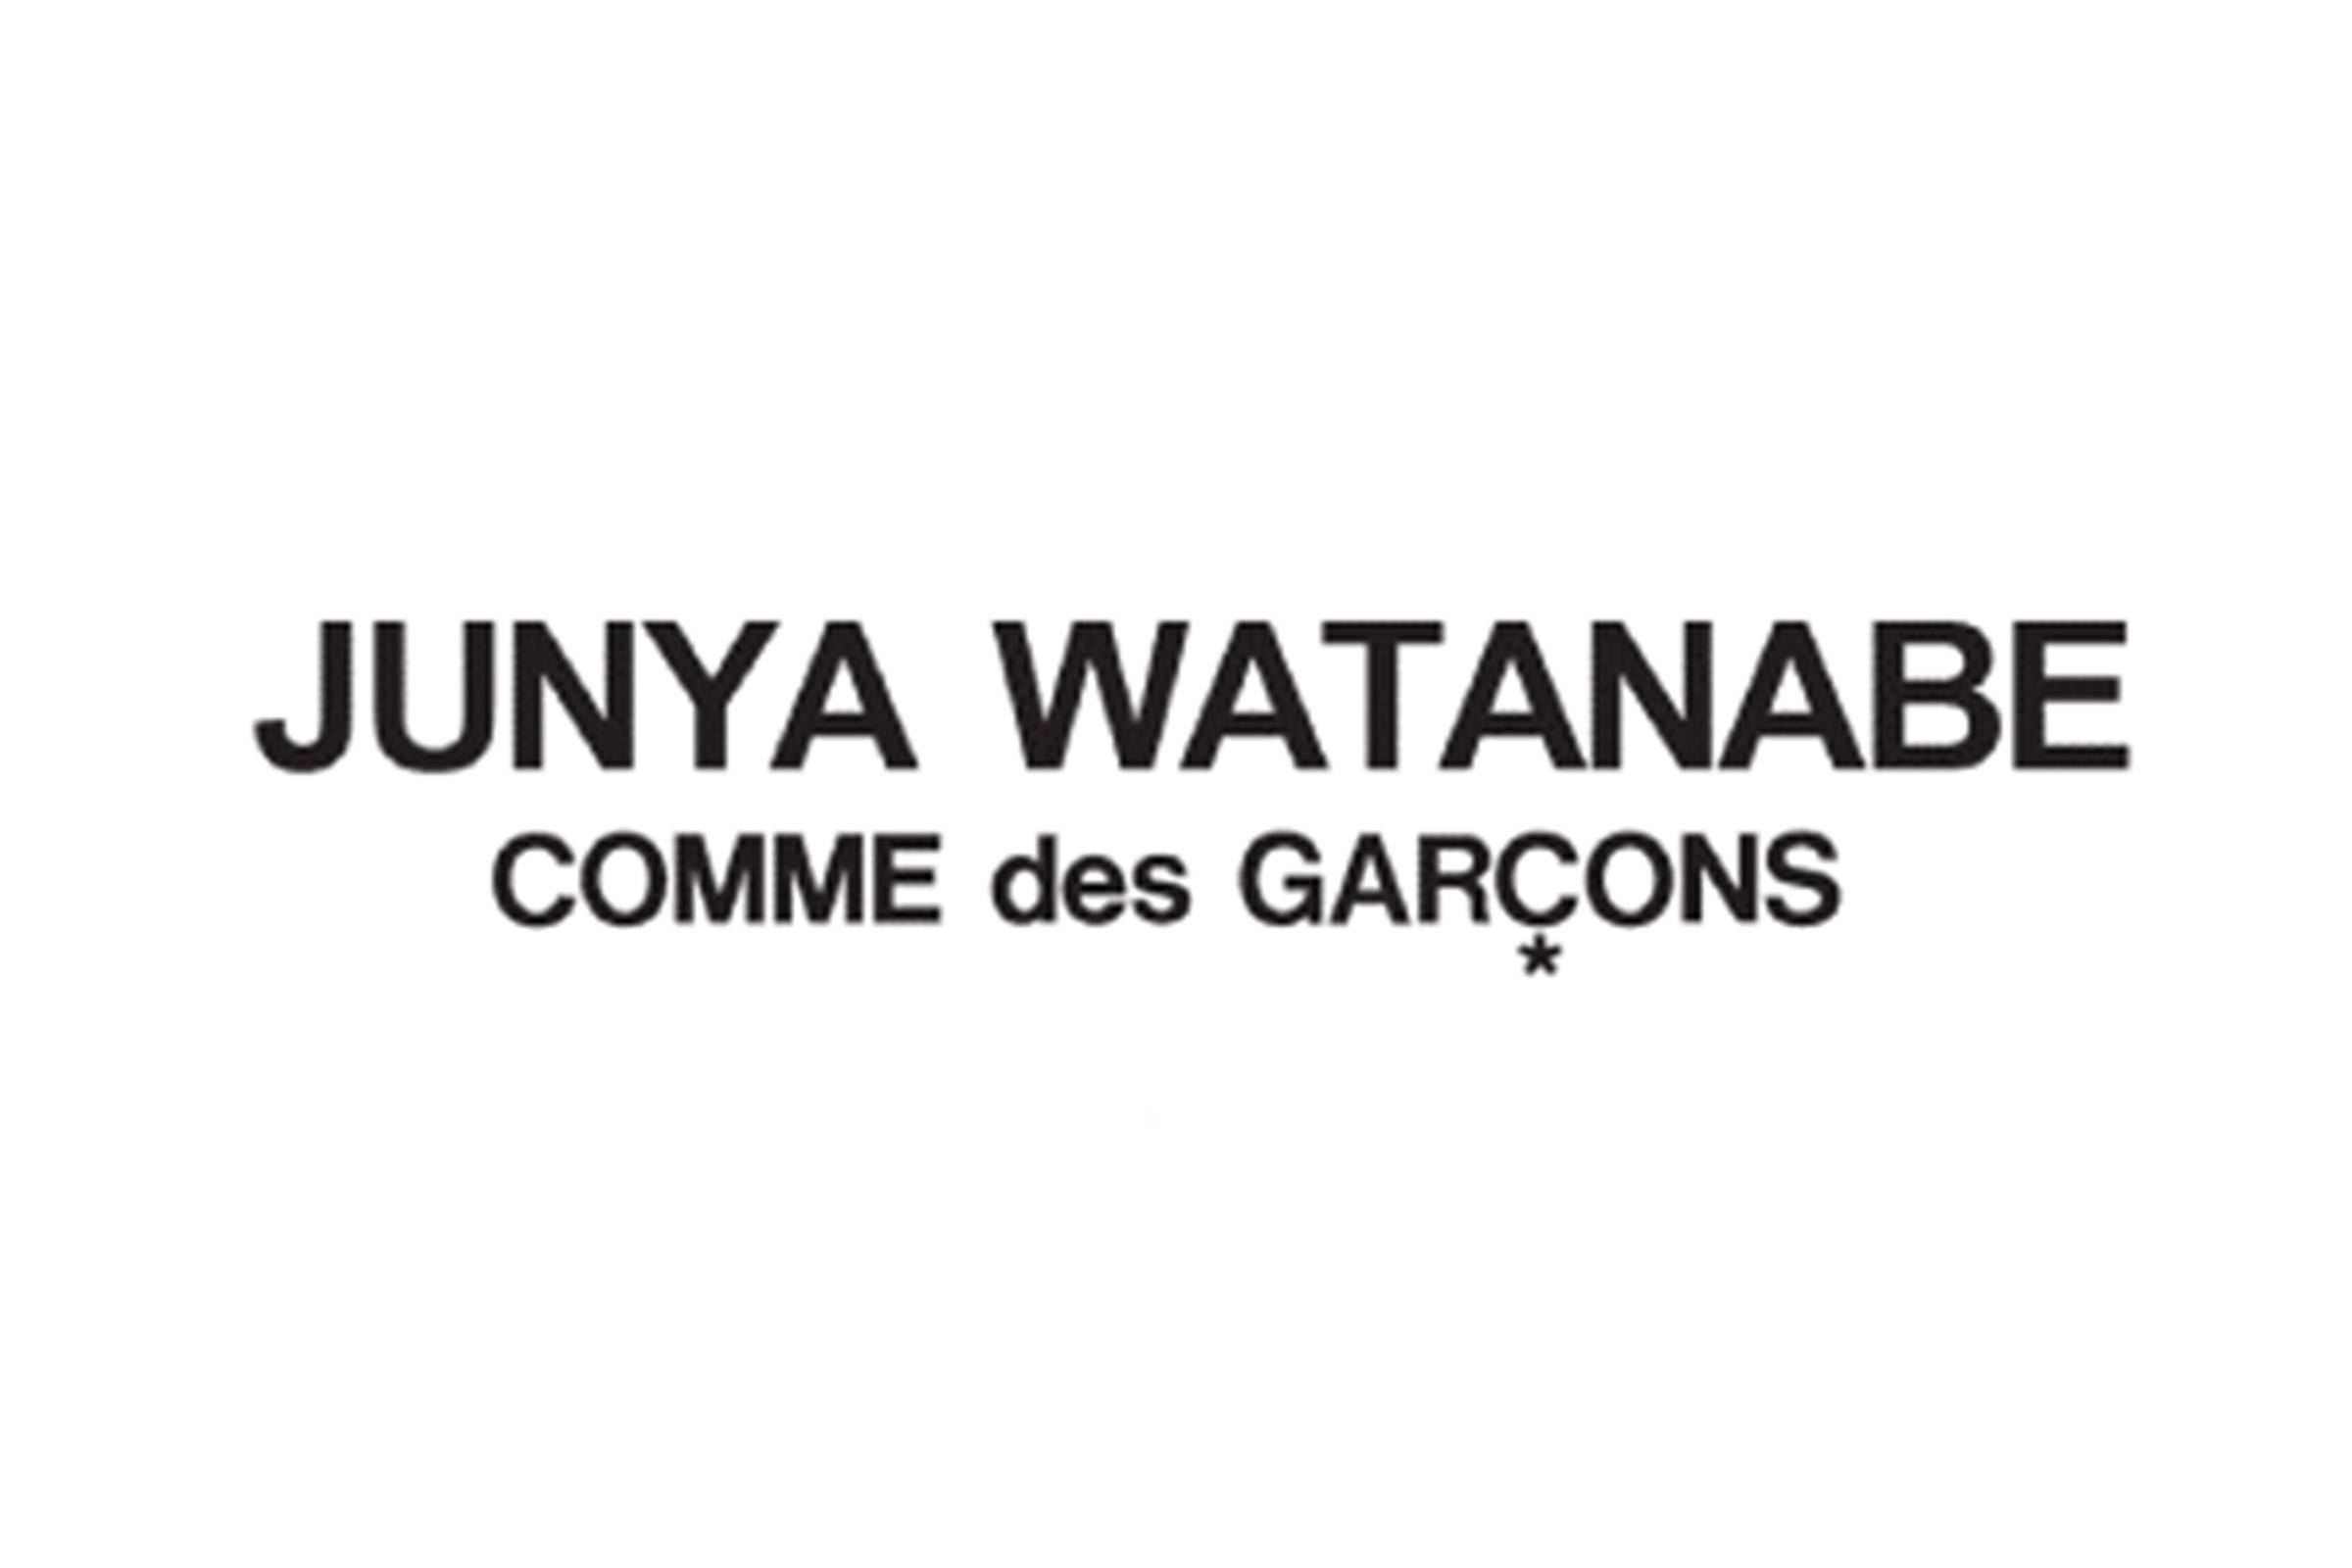 Junya Watanabe Comme des Garçons